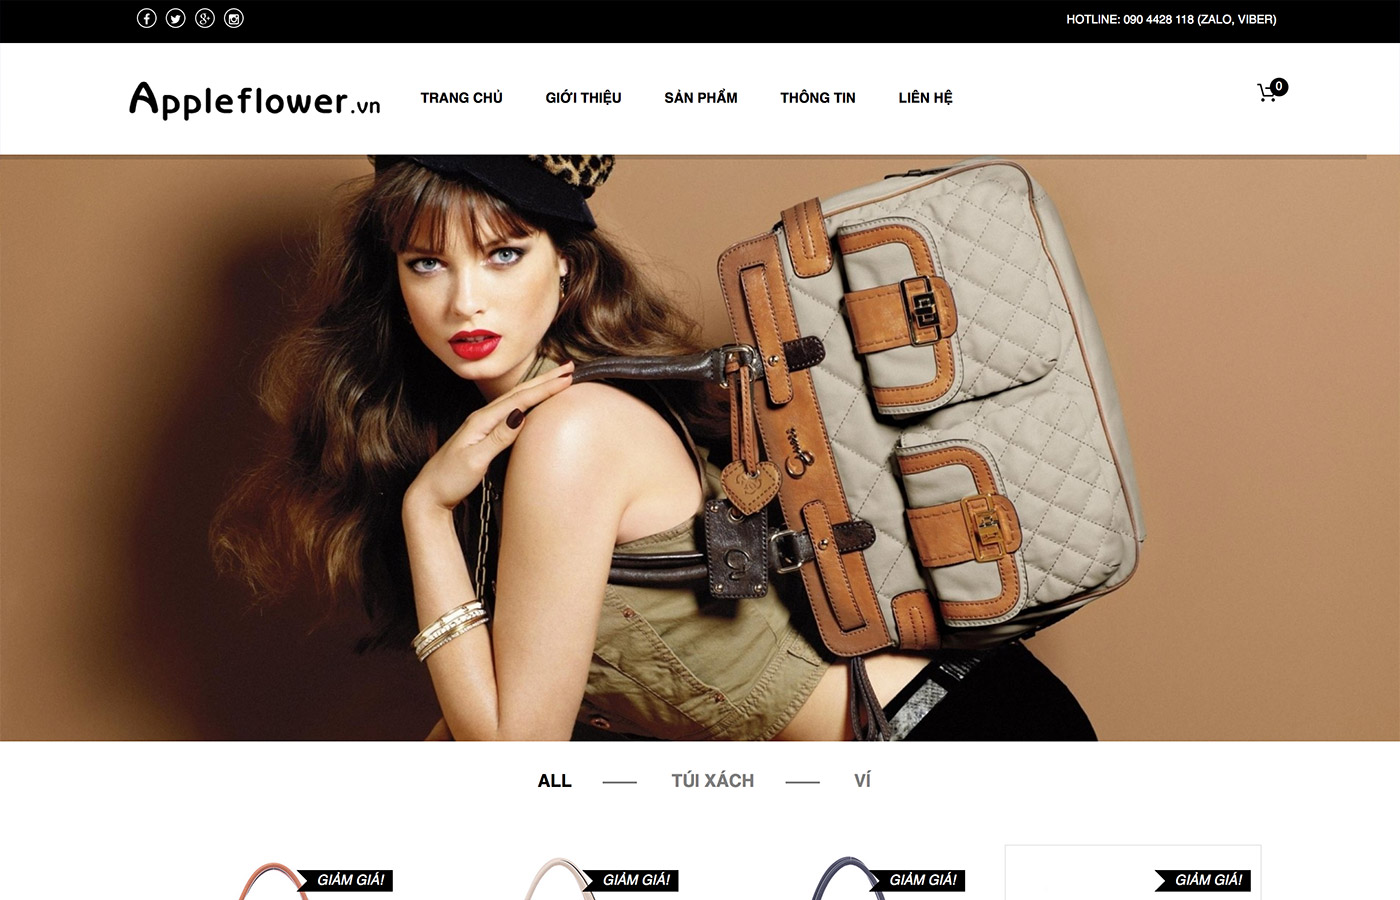 Appleflower - Túi xách nhập khẩu